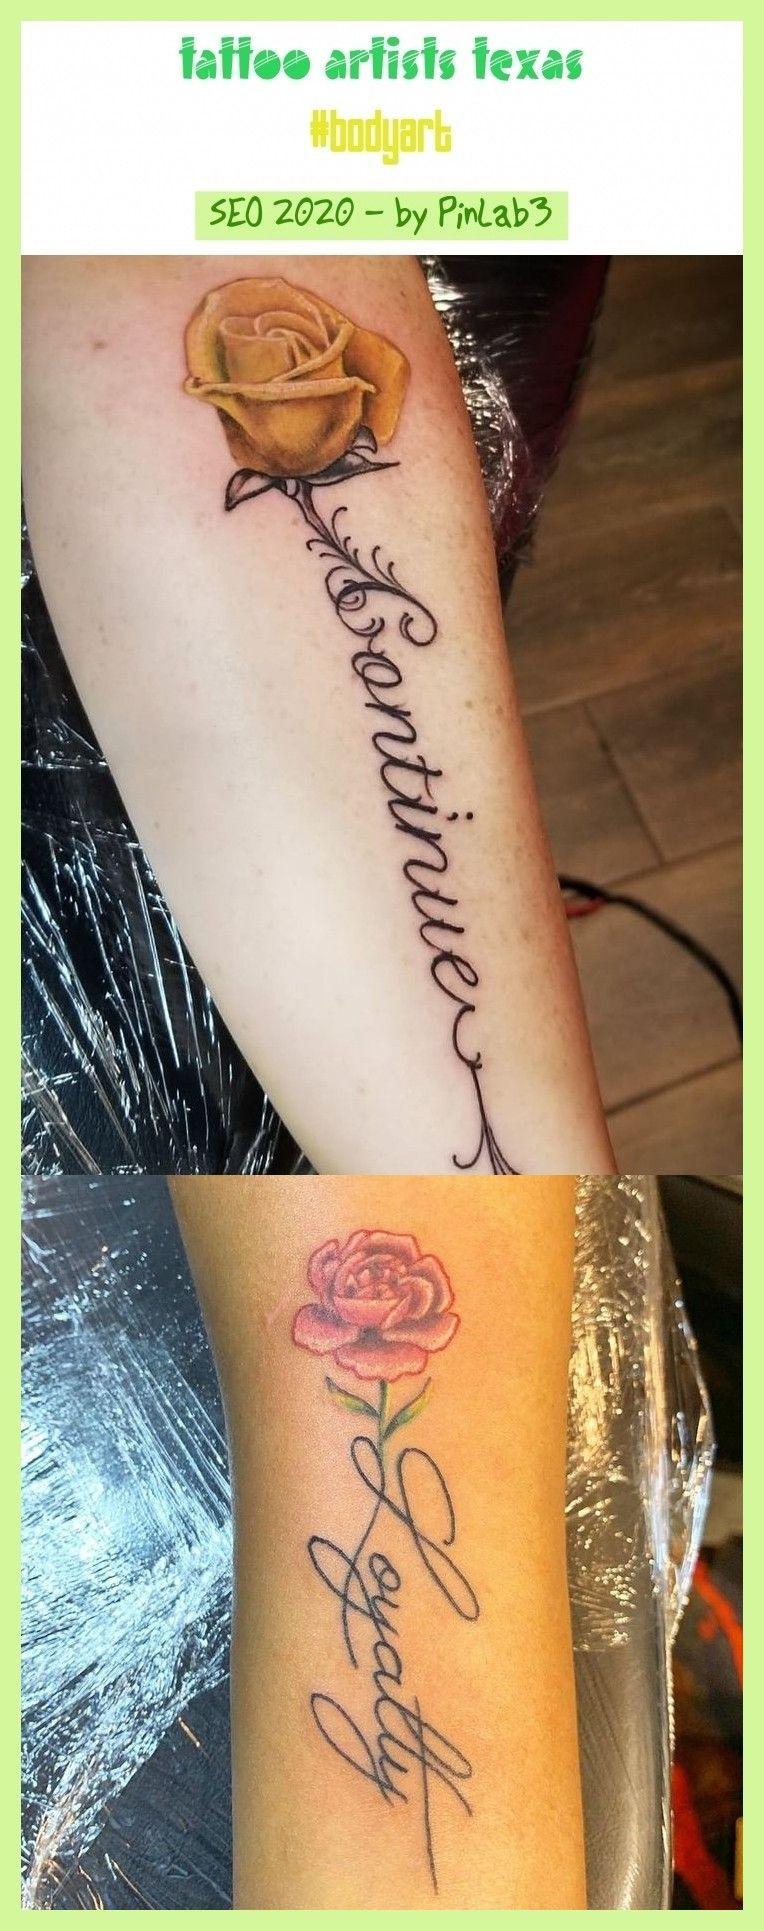 Tattoo artists texas bodyart tattoos. tattoo artists